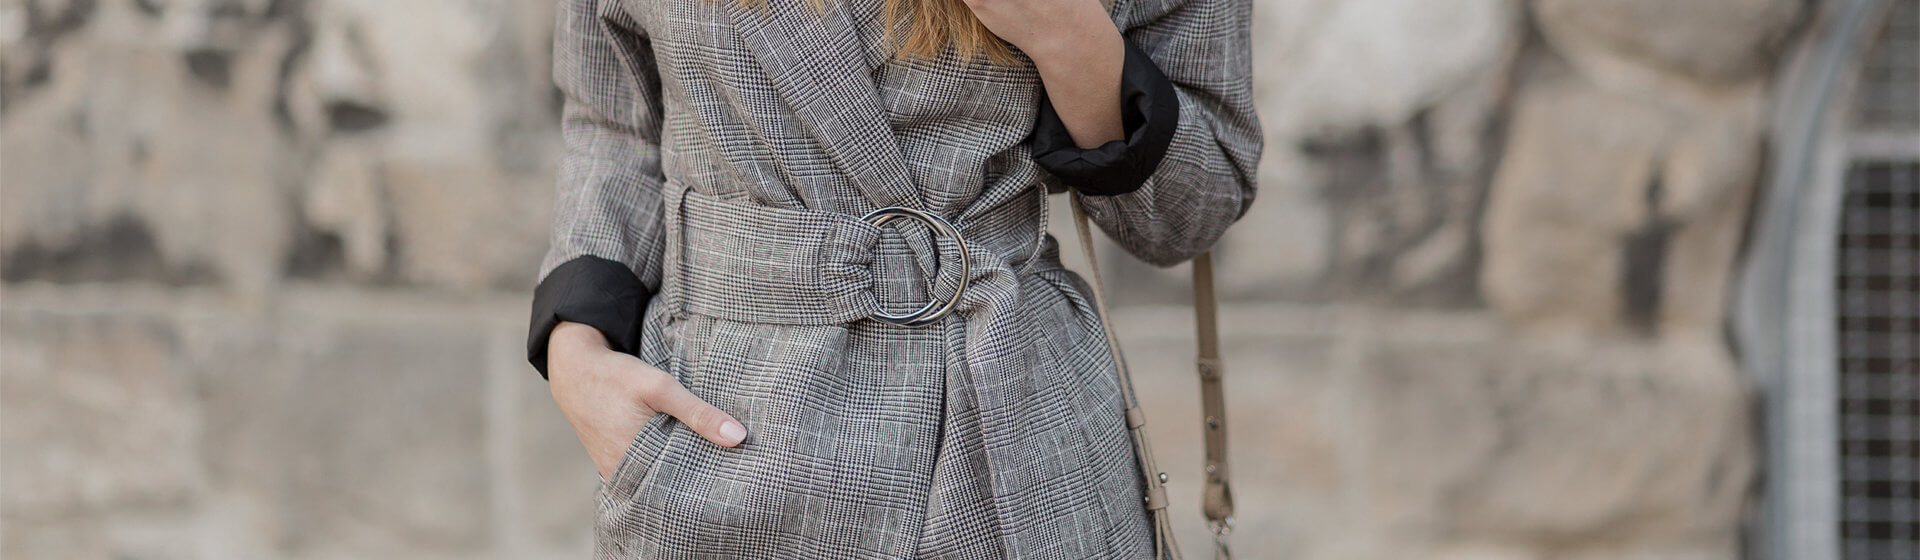 Blazer mit Taillengürtel stylen, Shoelove by Deichmann